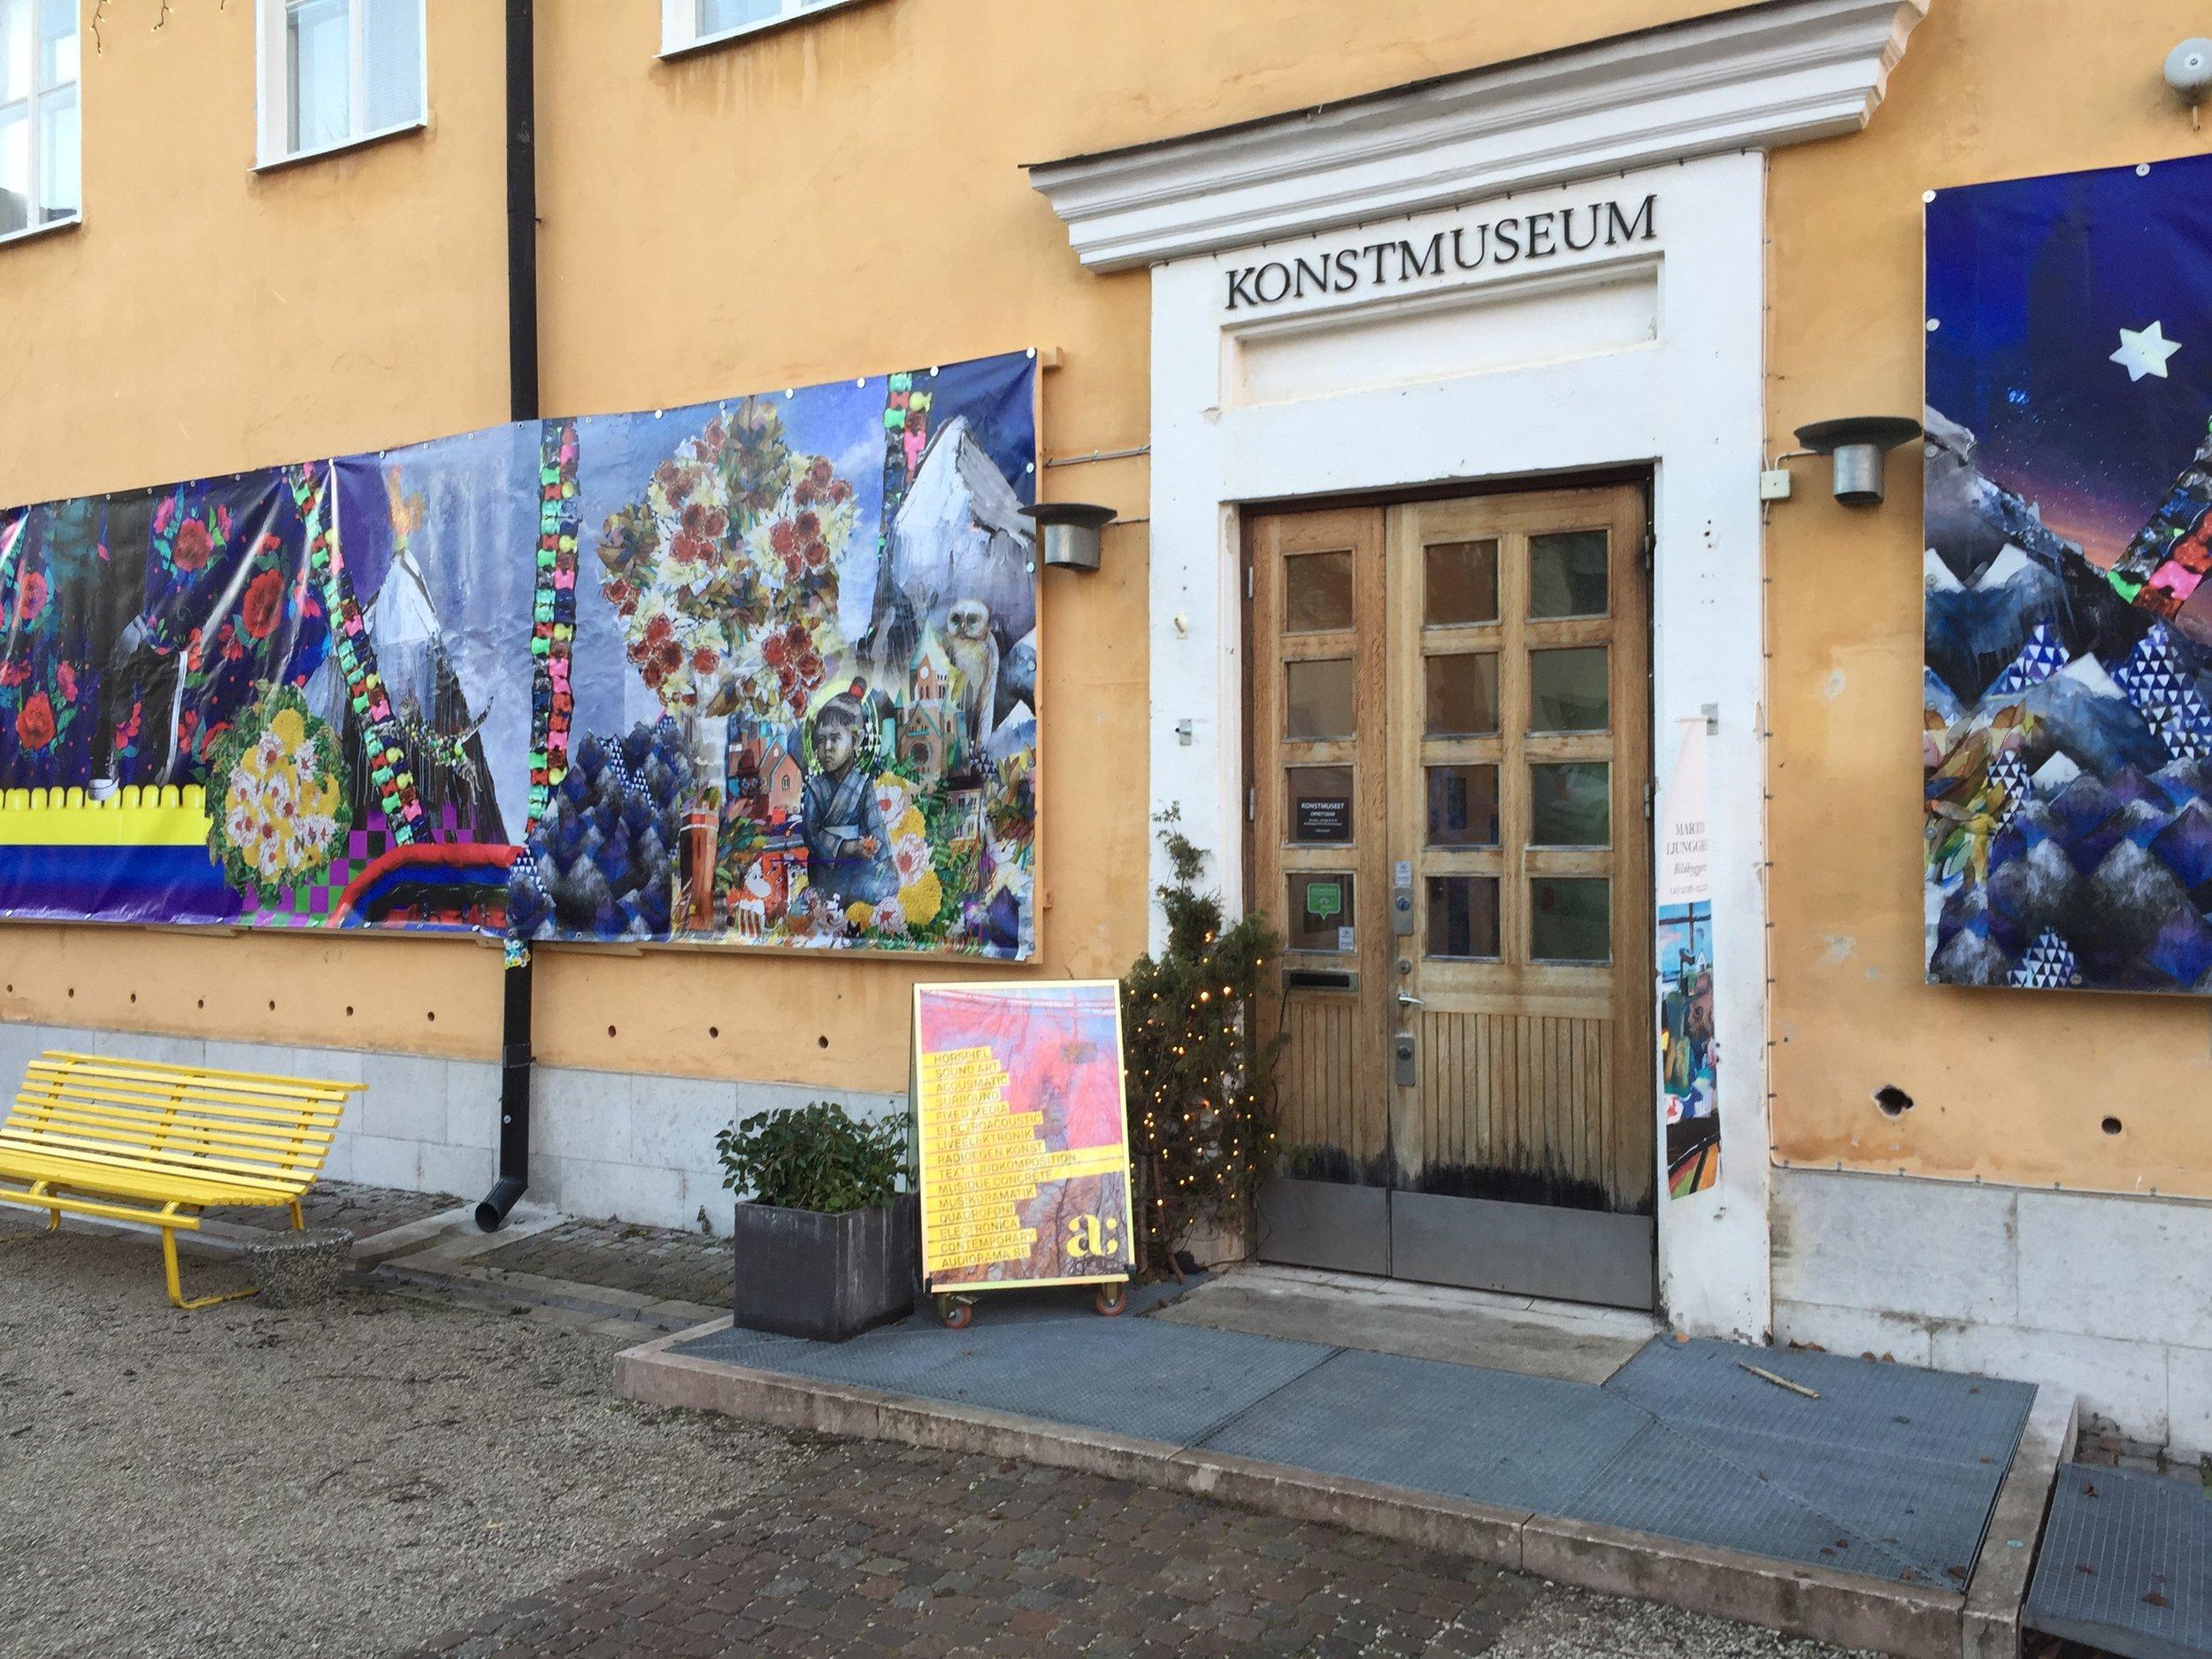 Foto: Marcus Wrangö/Audiorama